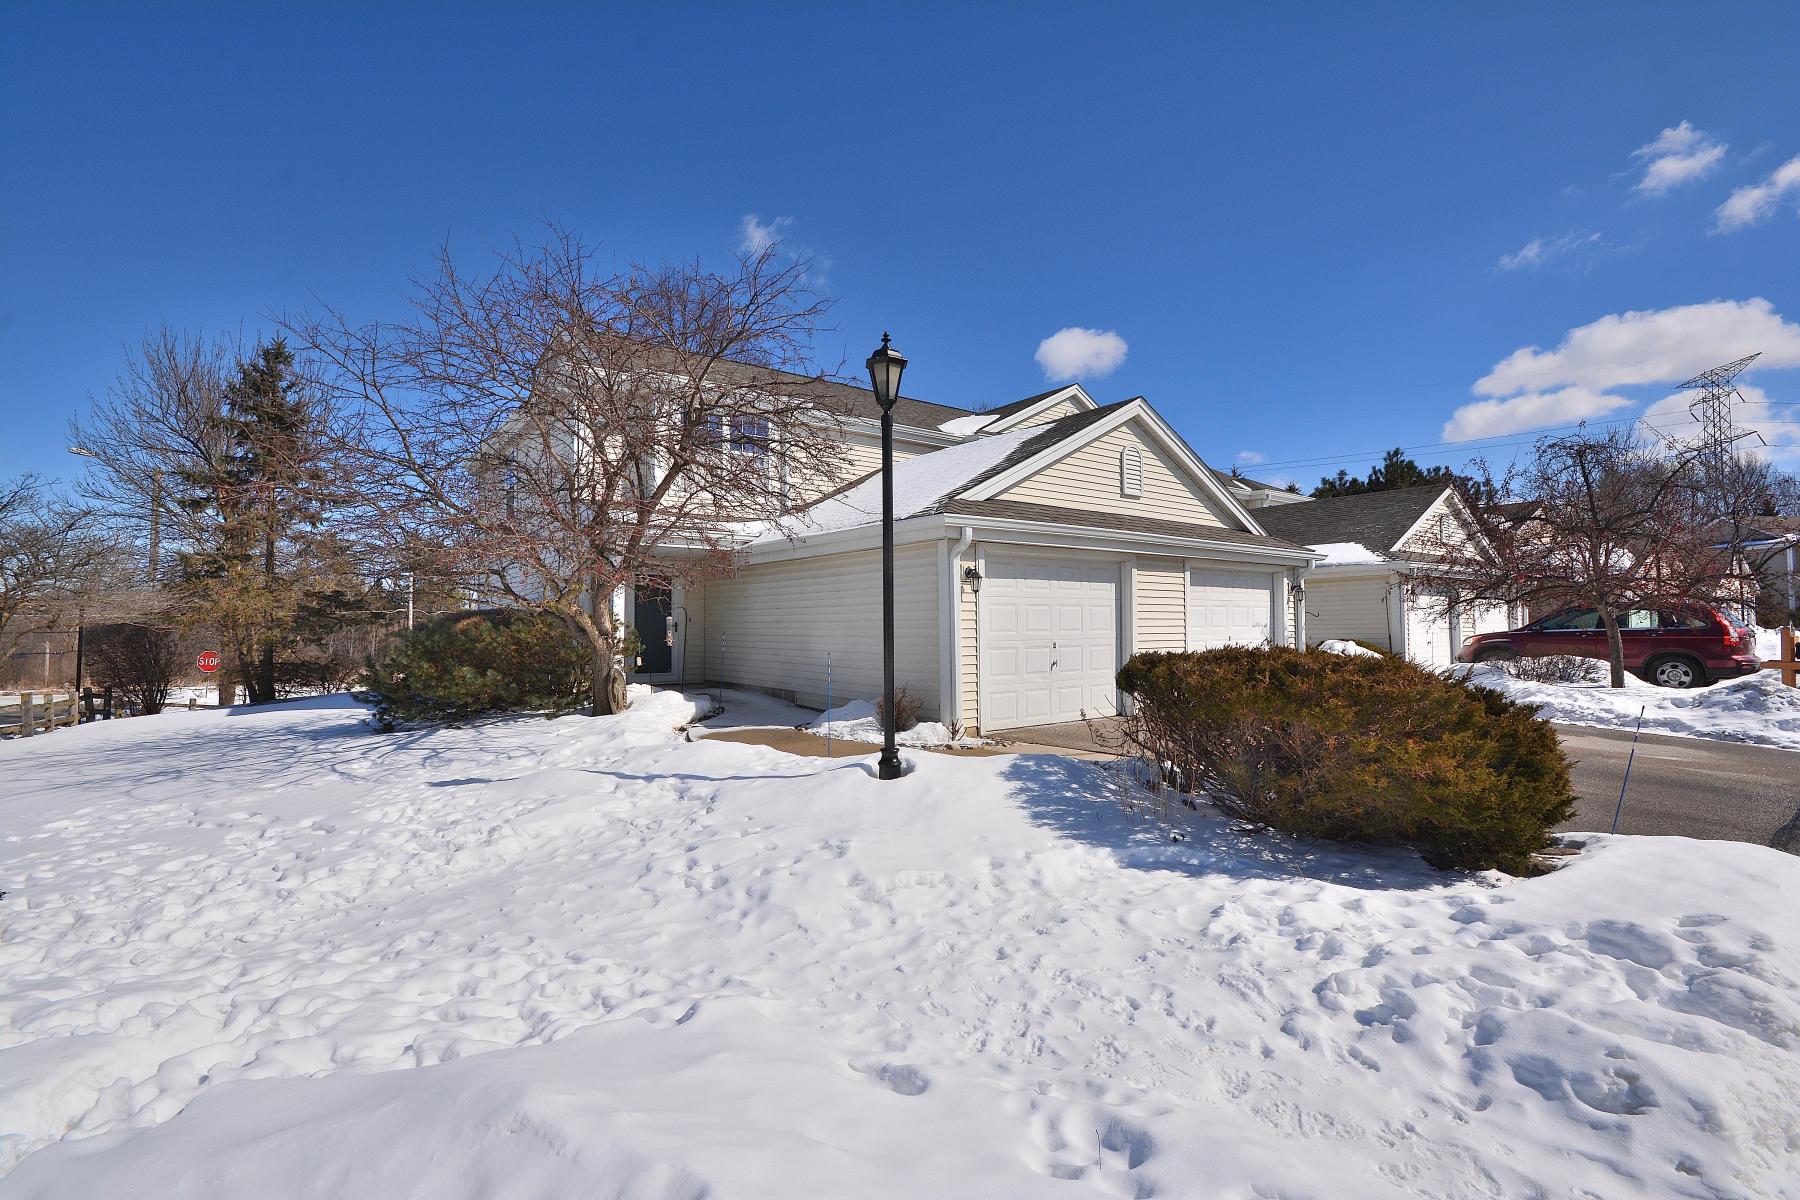 2133 Broadway, Waukesha, Wisconsin 53186, 2 Bedrooms Bedrooms, 4 Rooms Rooms,1 BathroomBathrooms,Condominiums,For Sale,Broadway,1,1625506